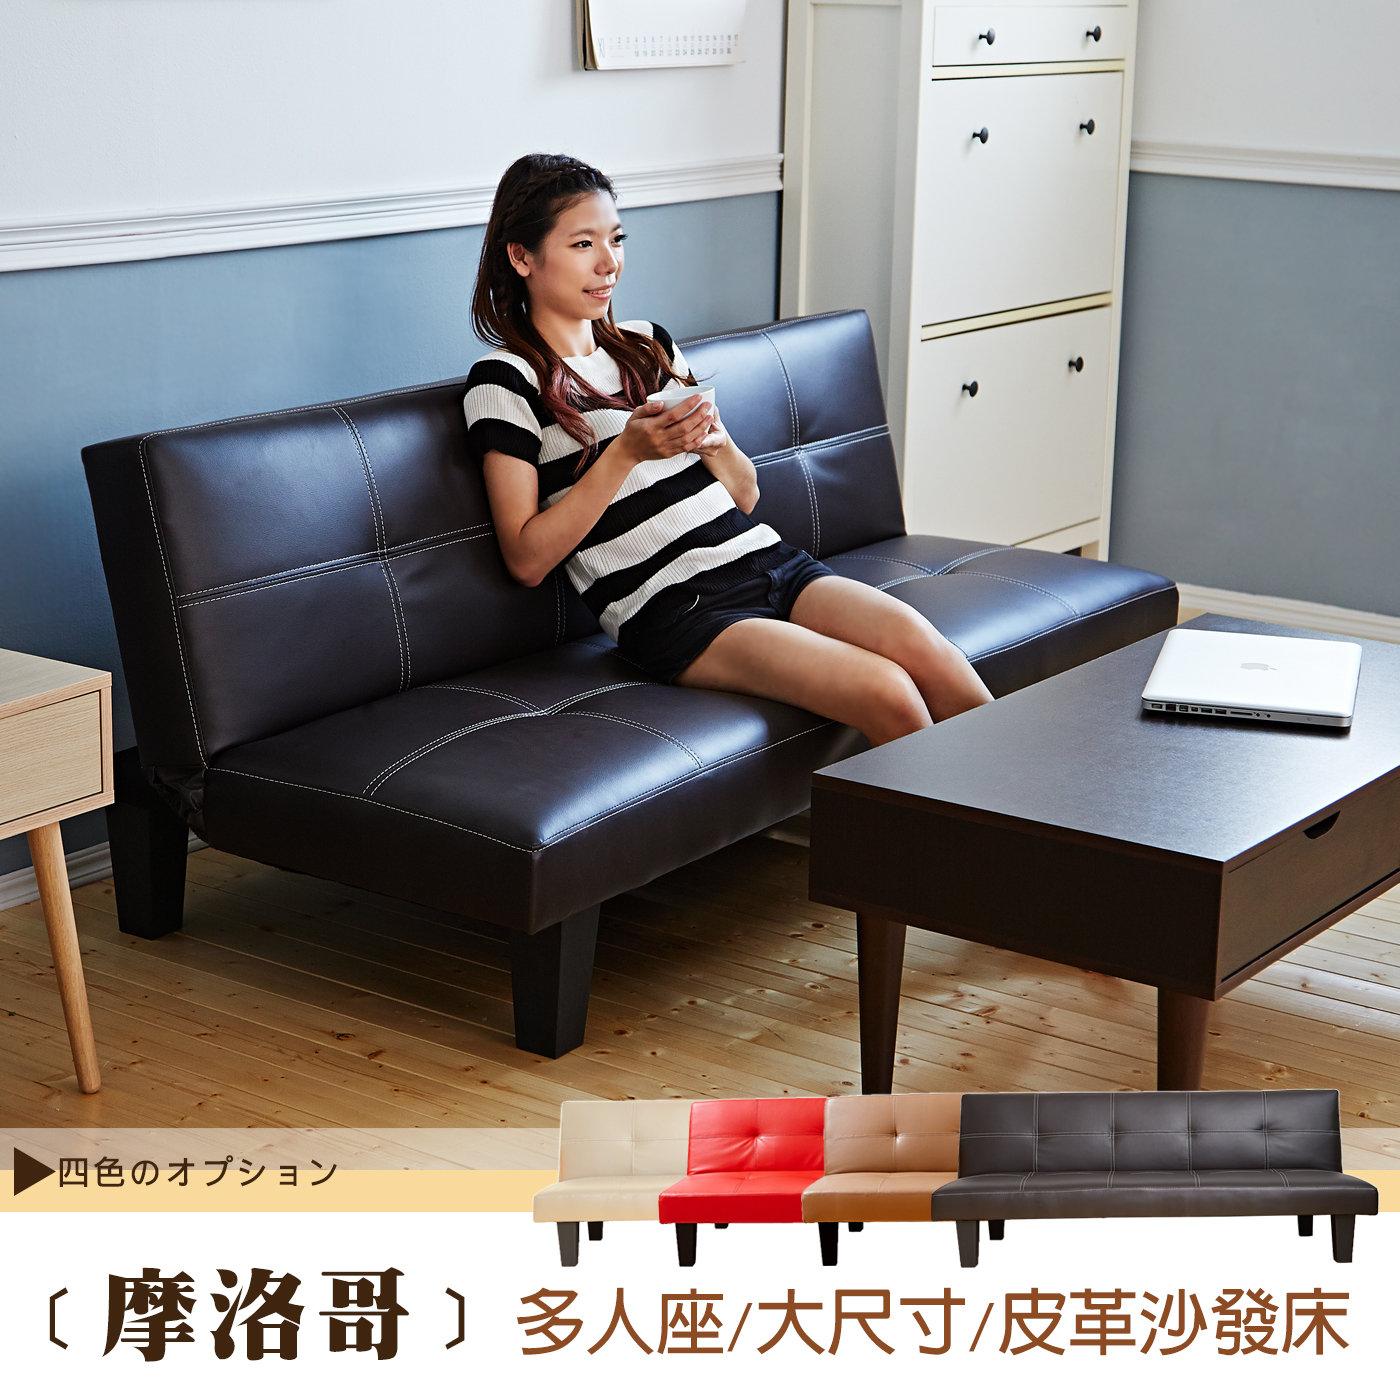 μασίφ ξύλο συνοπτική διπλό μικρό διαμέρισμα πτυσσόμενου πολυλειτουργική καναπέ - κρεβάτι 1,5 1,8 m 2 μέτρα και οι τρεις έτοιμες